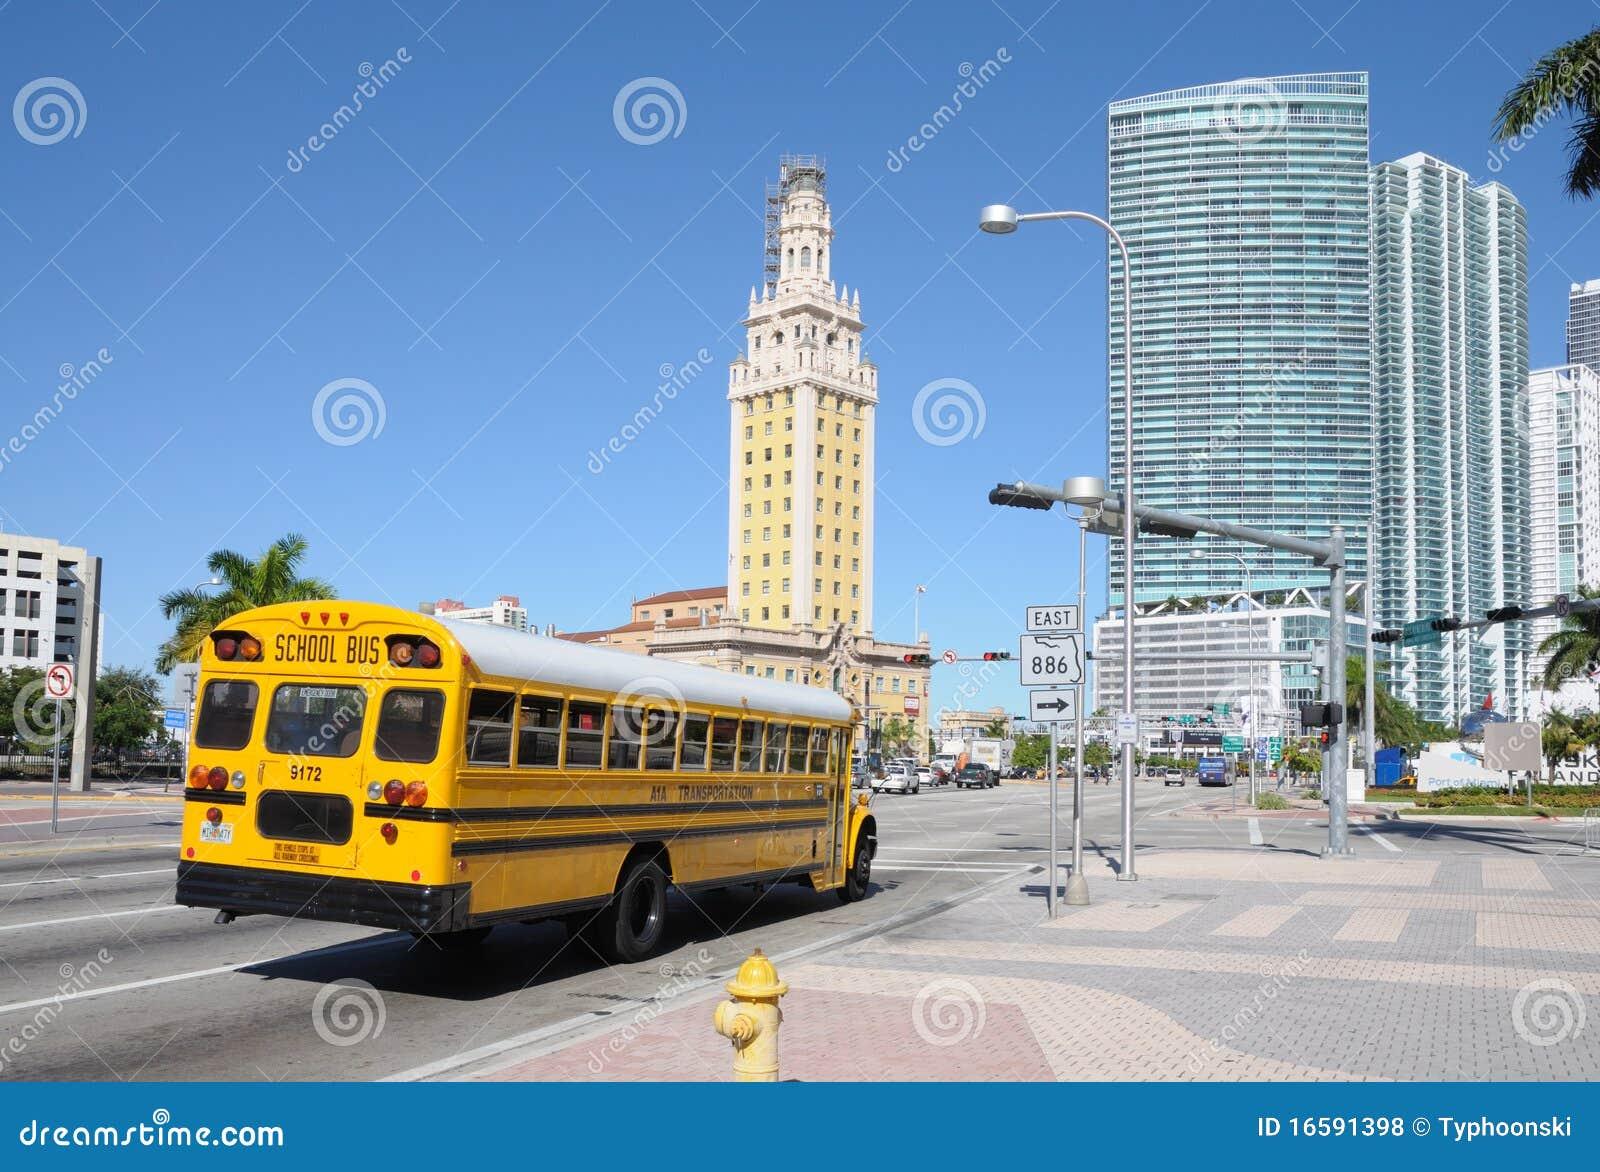 Miami school